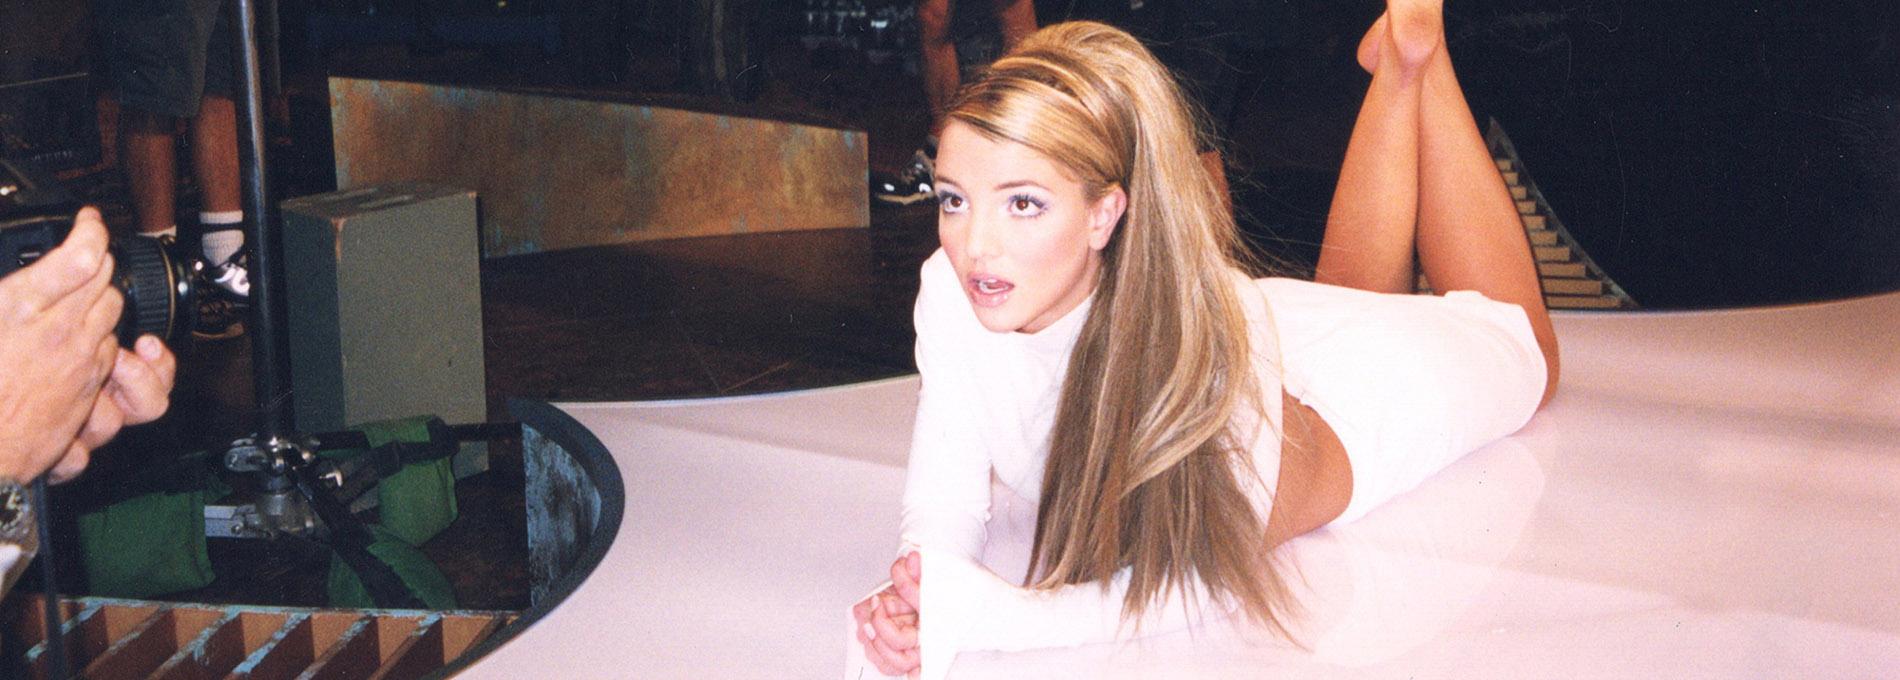 Britney Spears deitada e produzida posando para o fotógrafo